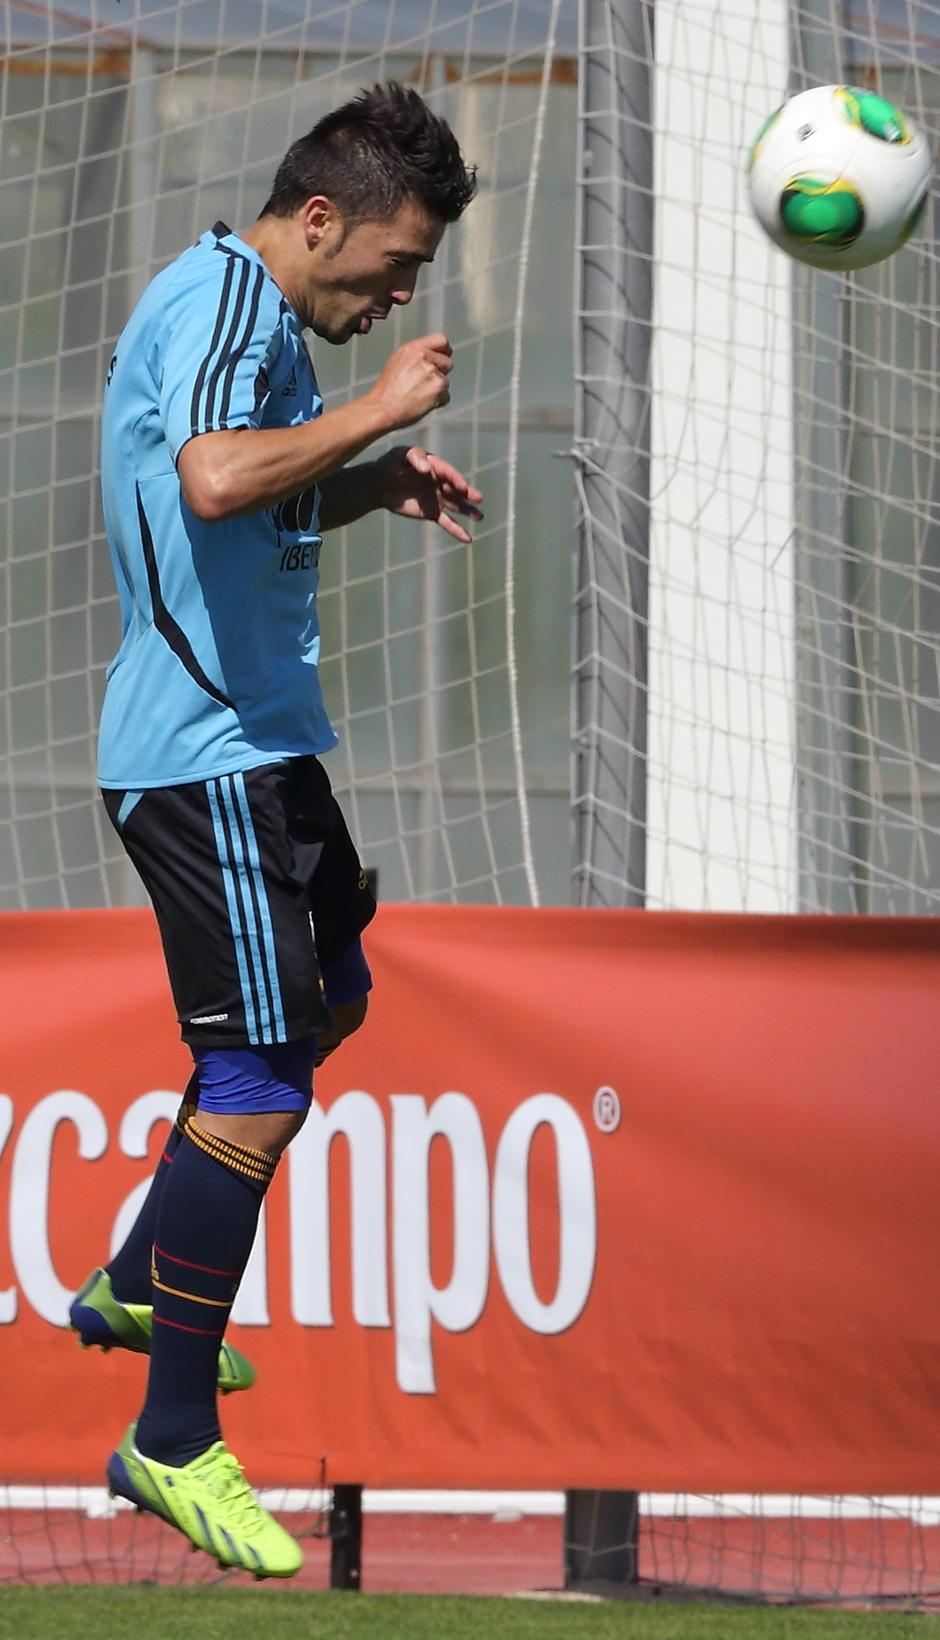 David Villa remata de cabeza un balón en el entrenamiento de la selección el miércoles 4 de septiembre en La Ciudad del Fútbol